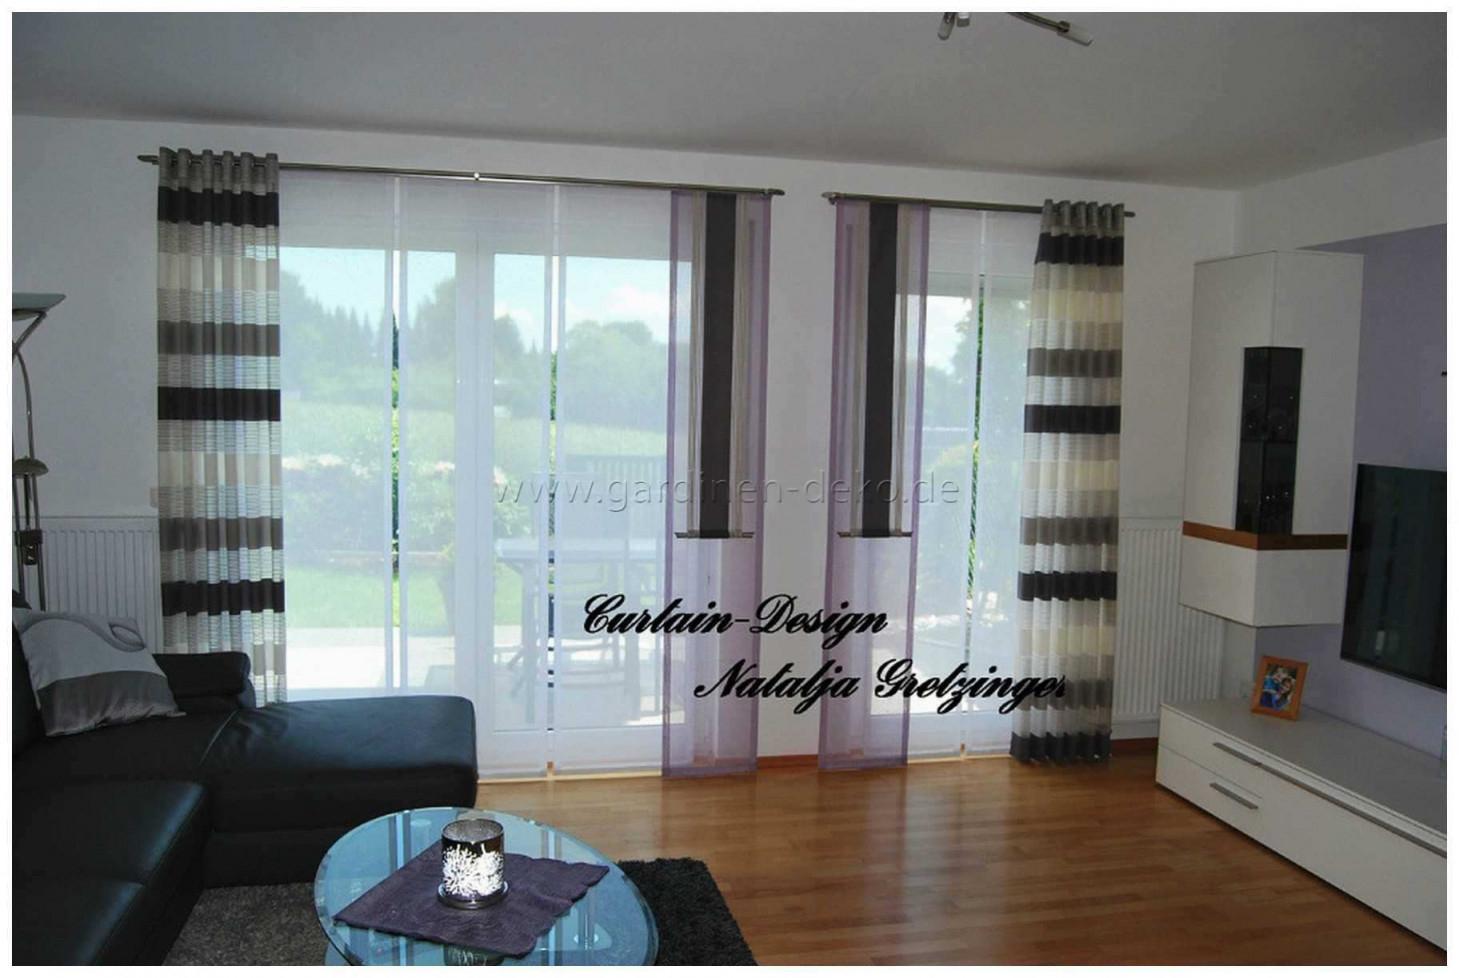 59 Luxus Bogen Gardinen Wohnzimmer Neu  Tolles Wohnzimmer Ideen von Wohnzimmer Gardinen Mit Bogen Bild